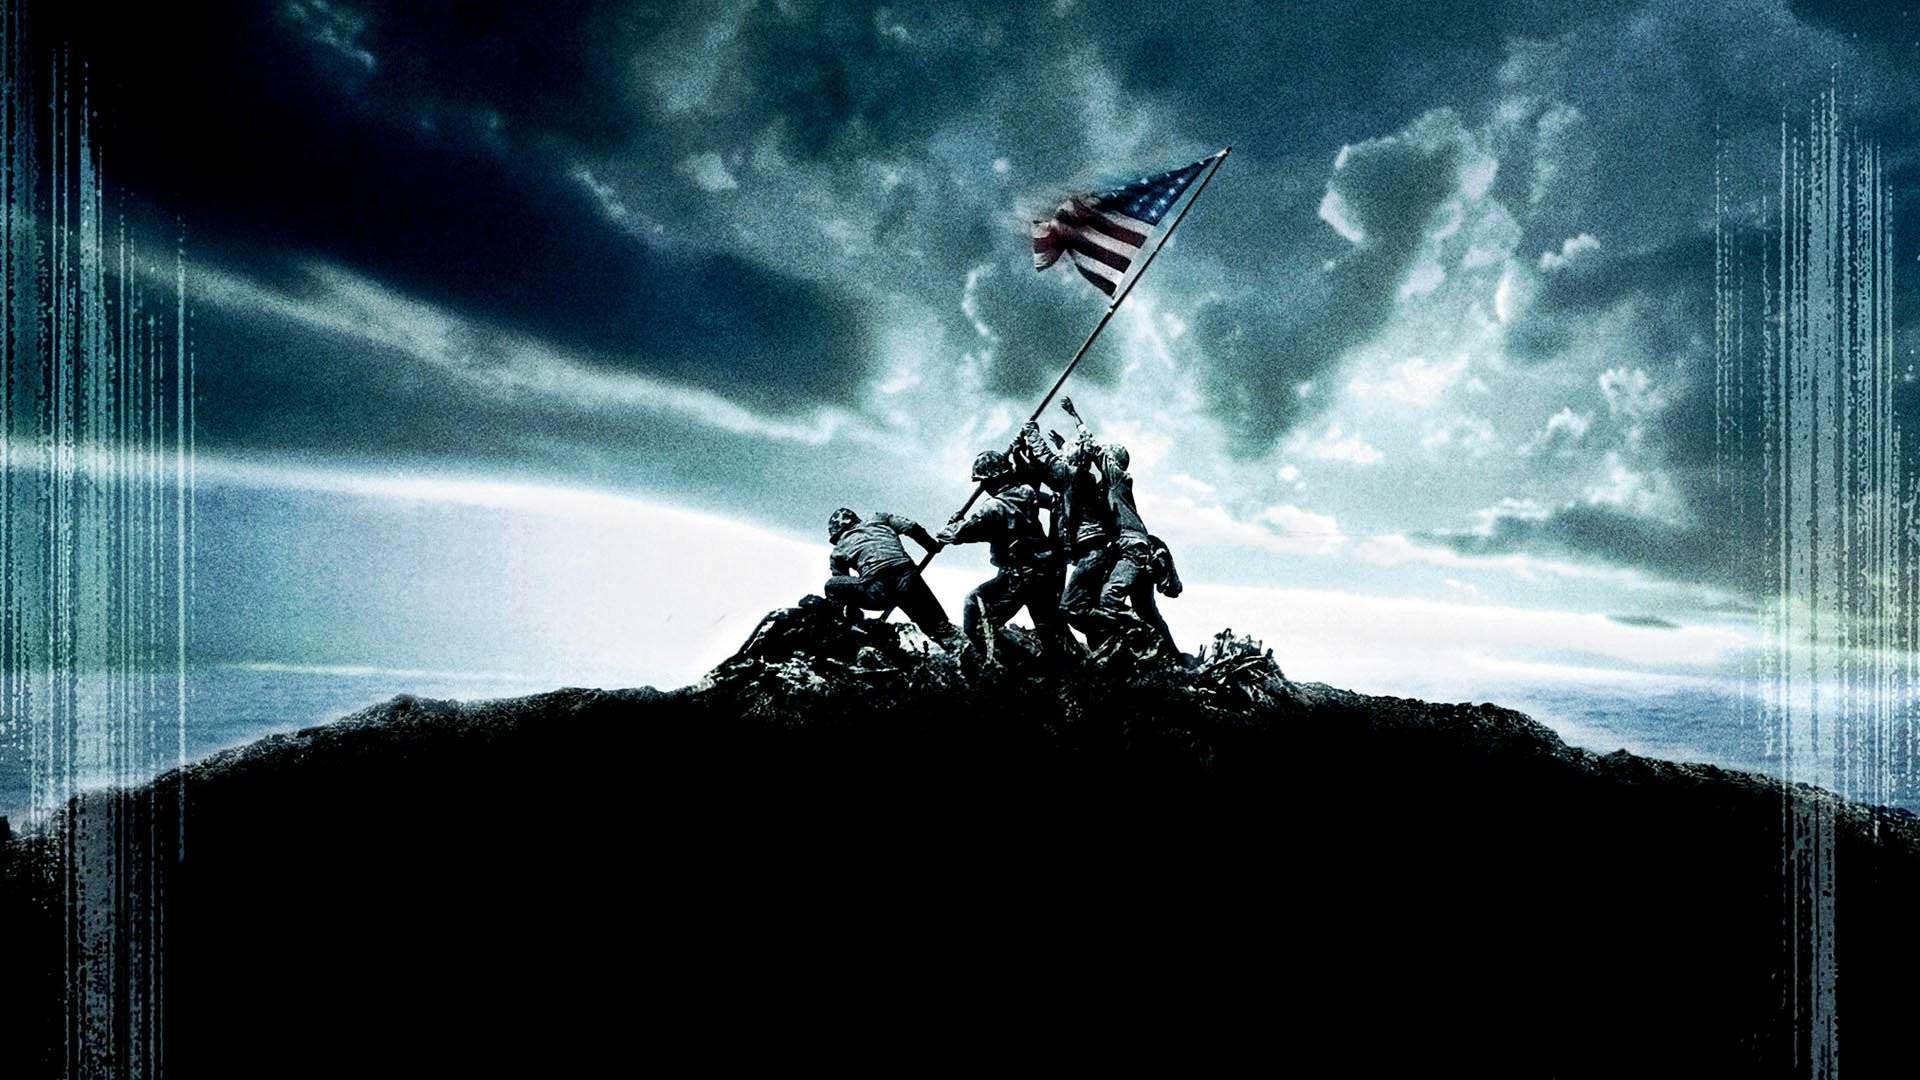 Marine Corp Desktop Wallpaper: Marines In Combat Wallpaper